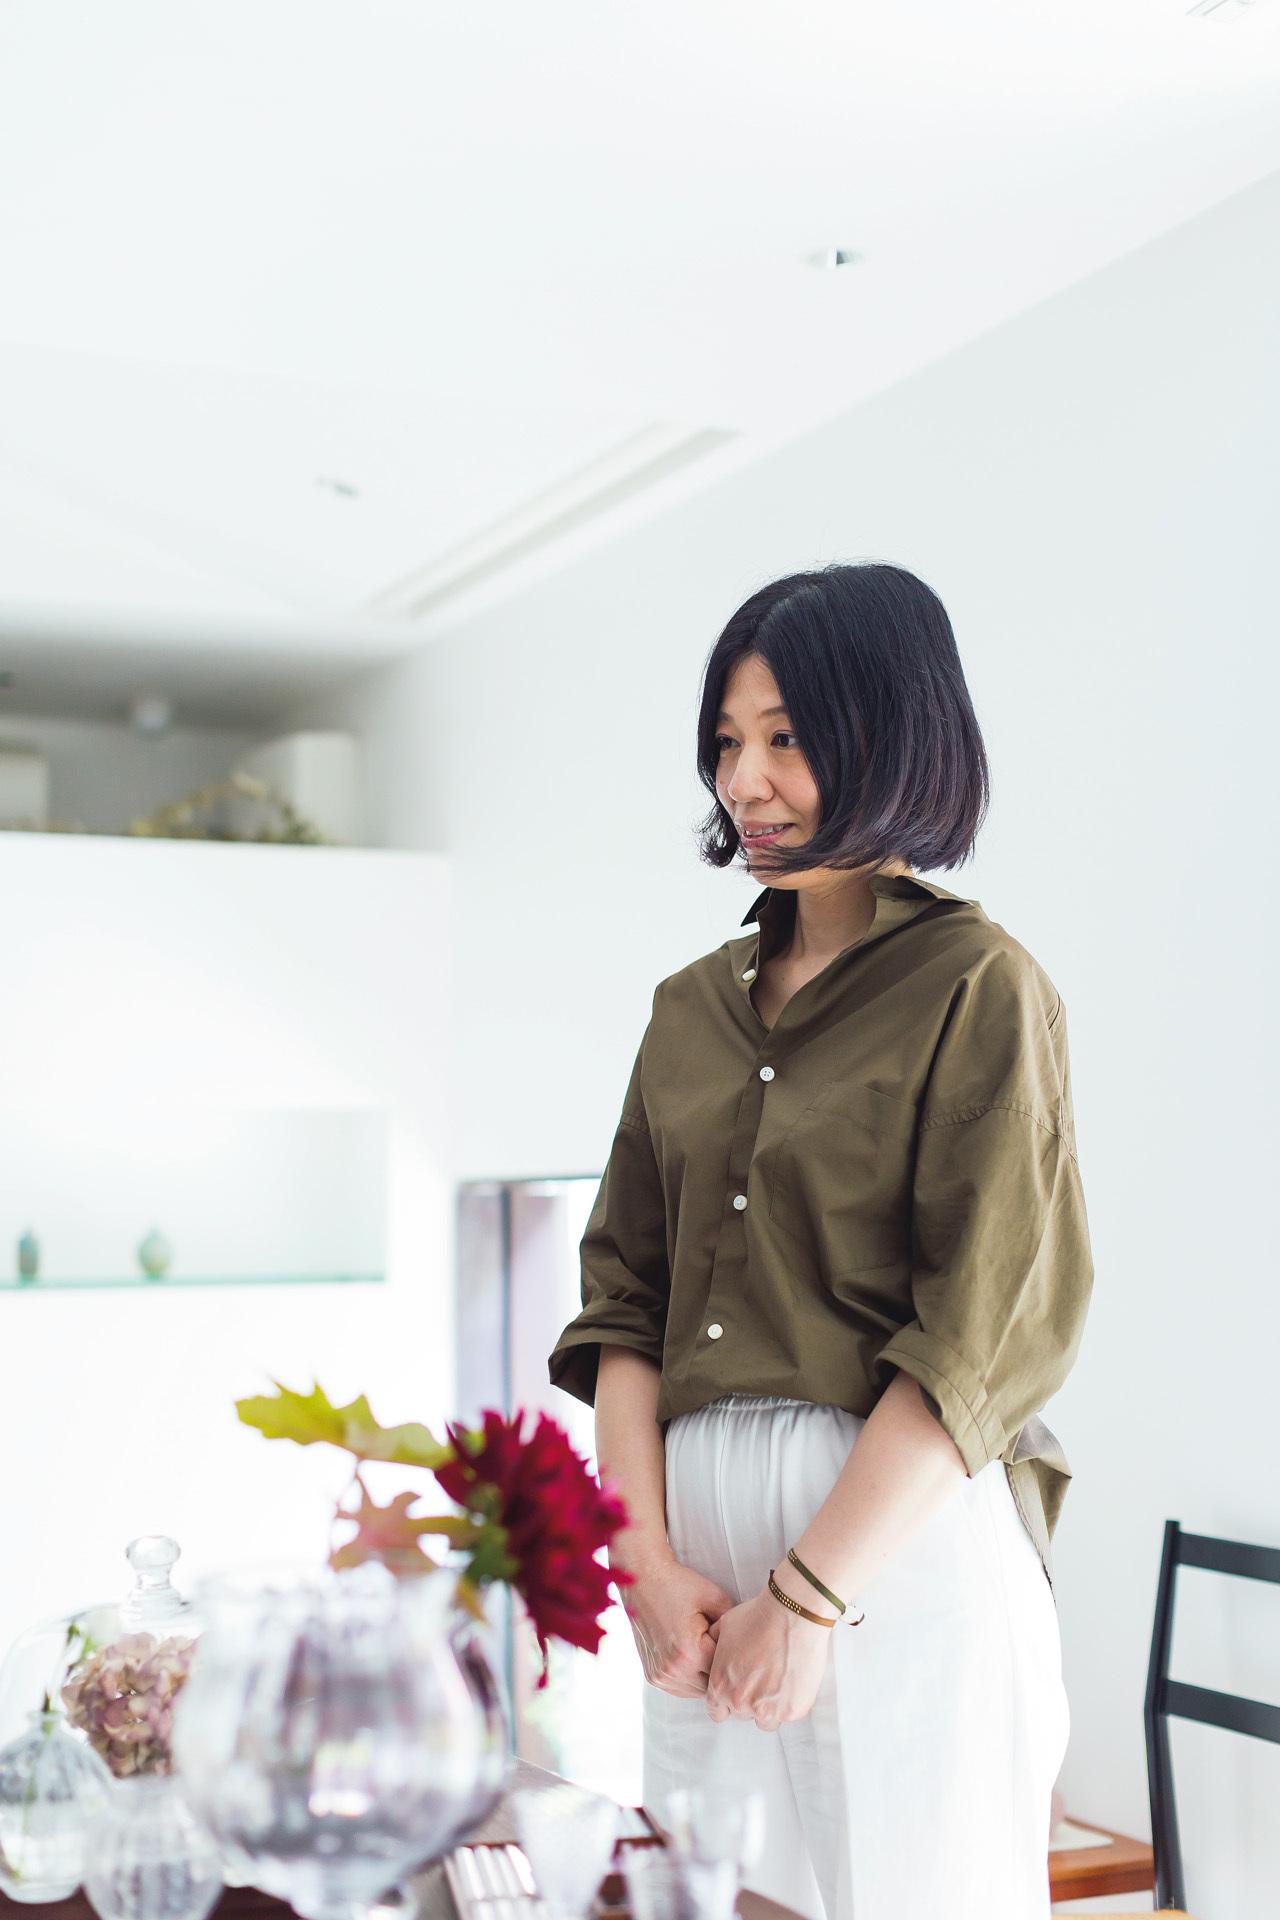 京都で訪ねたい、女性の旬な目線が光るセレクトショップ 五選_1_3-2